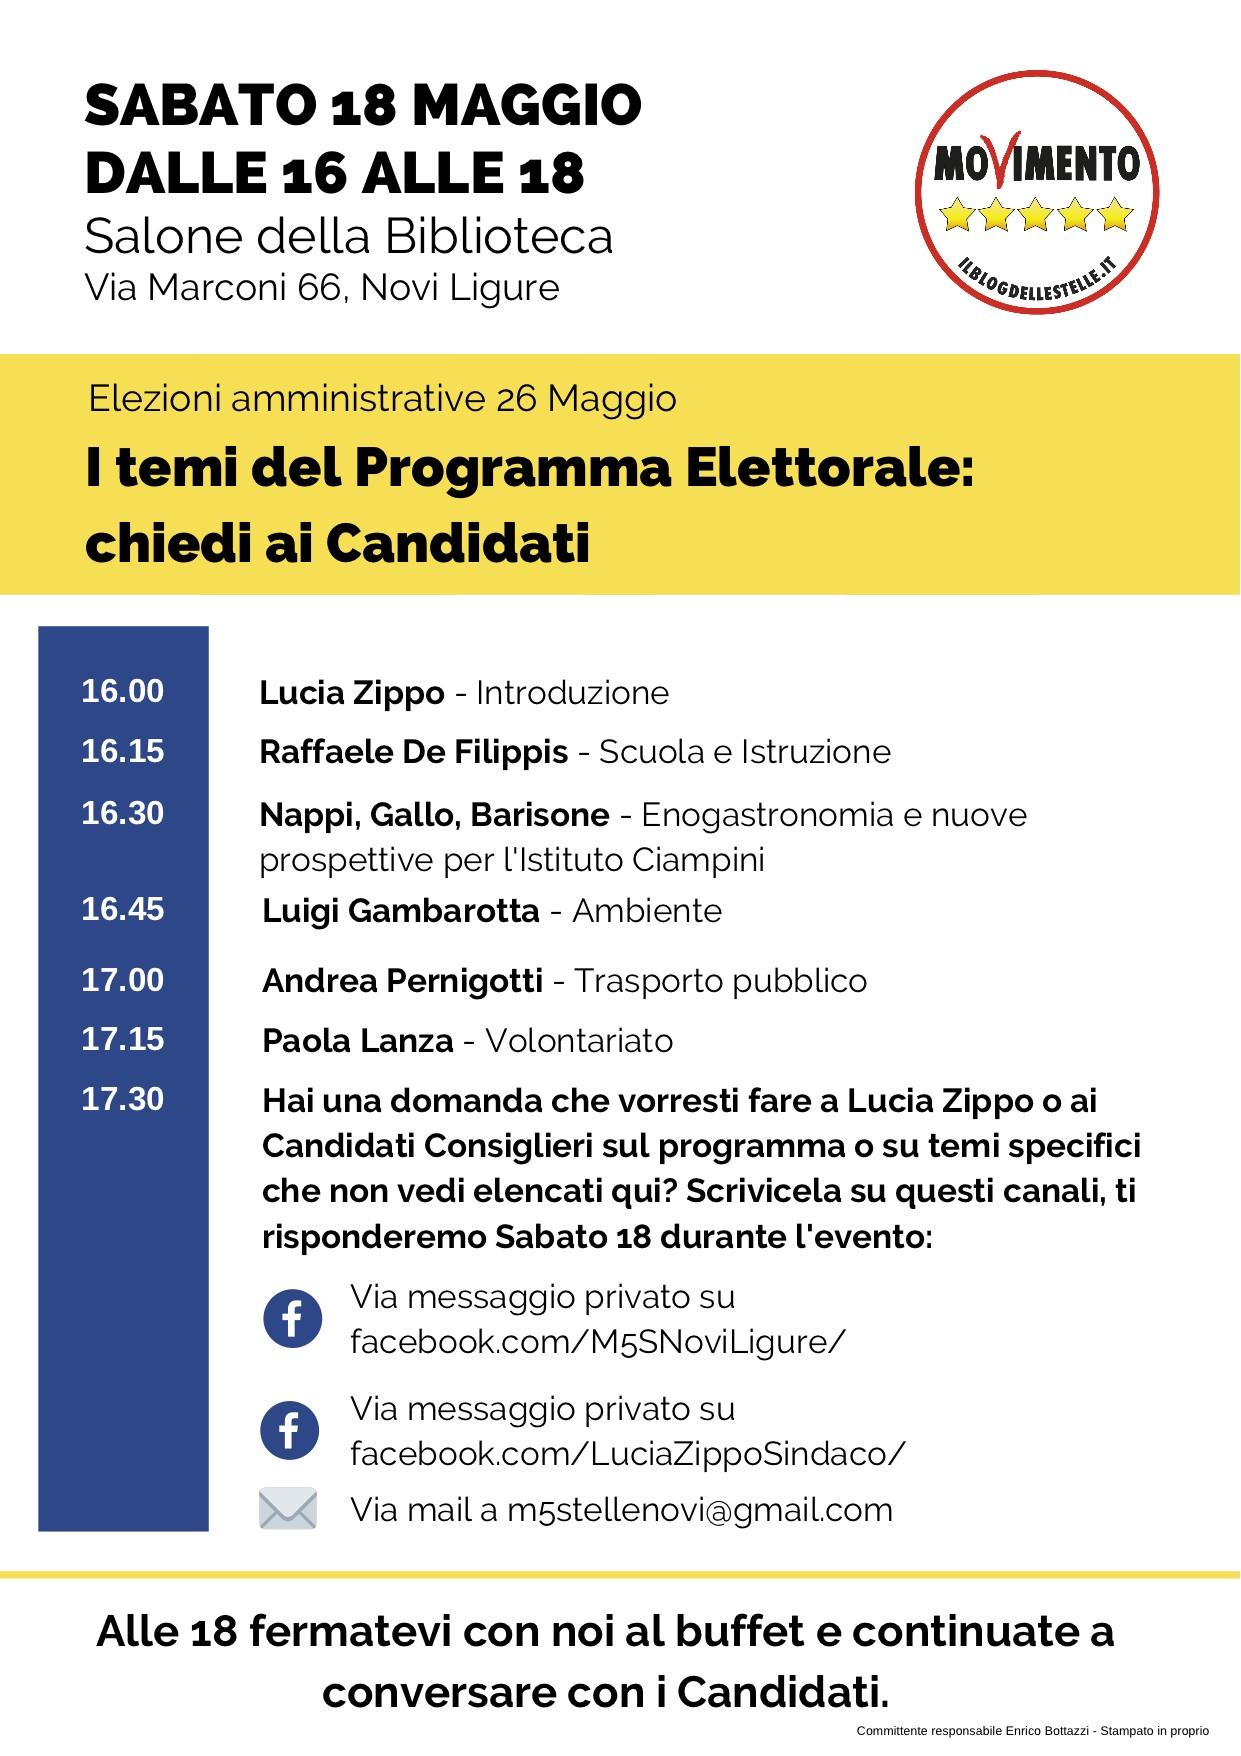 M5S Novi - locandina evento candidati M5S - Novi Ligure - biblioteca civica - 18_05_2019.jpg